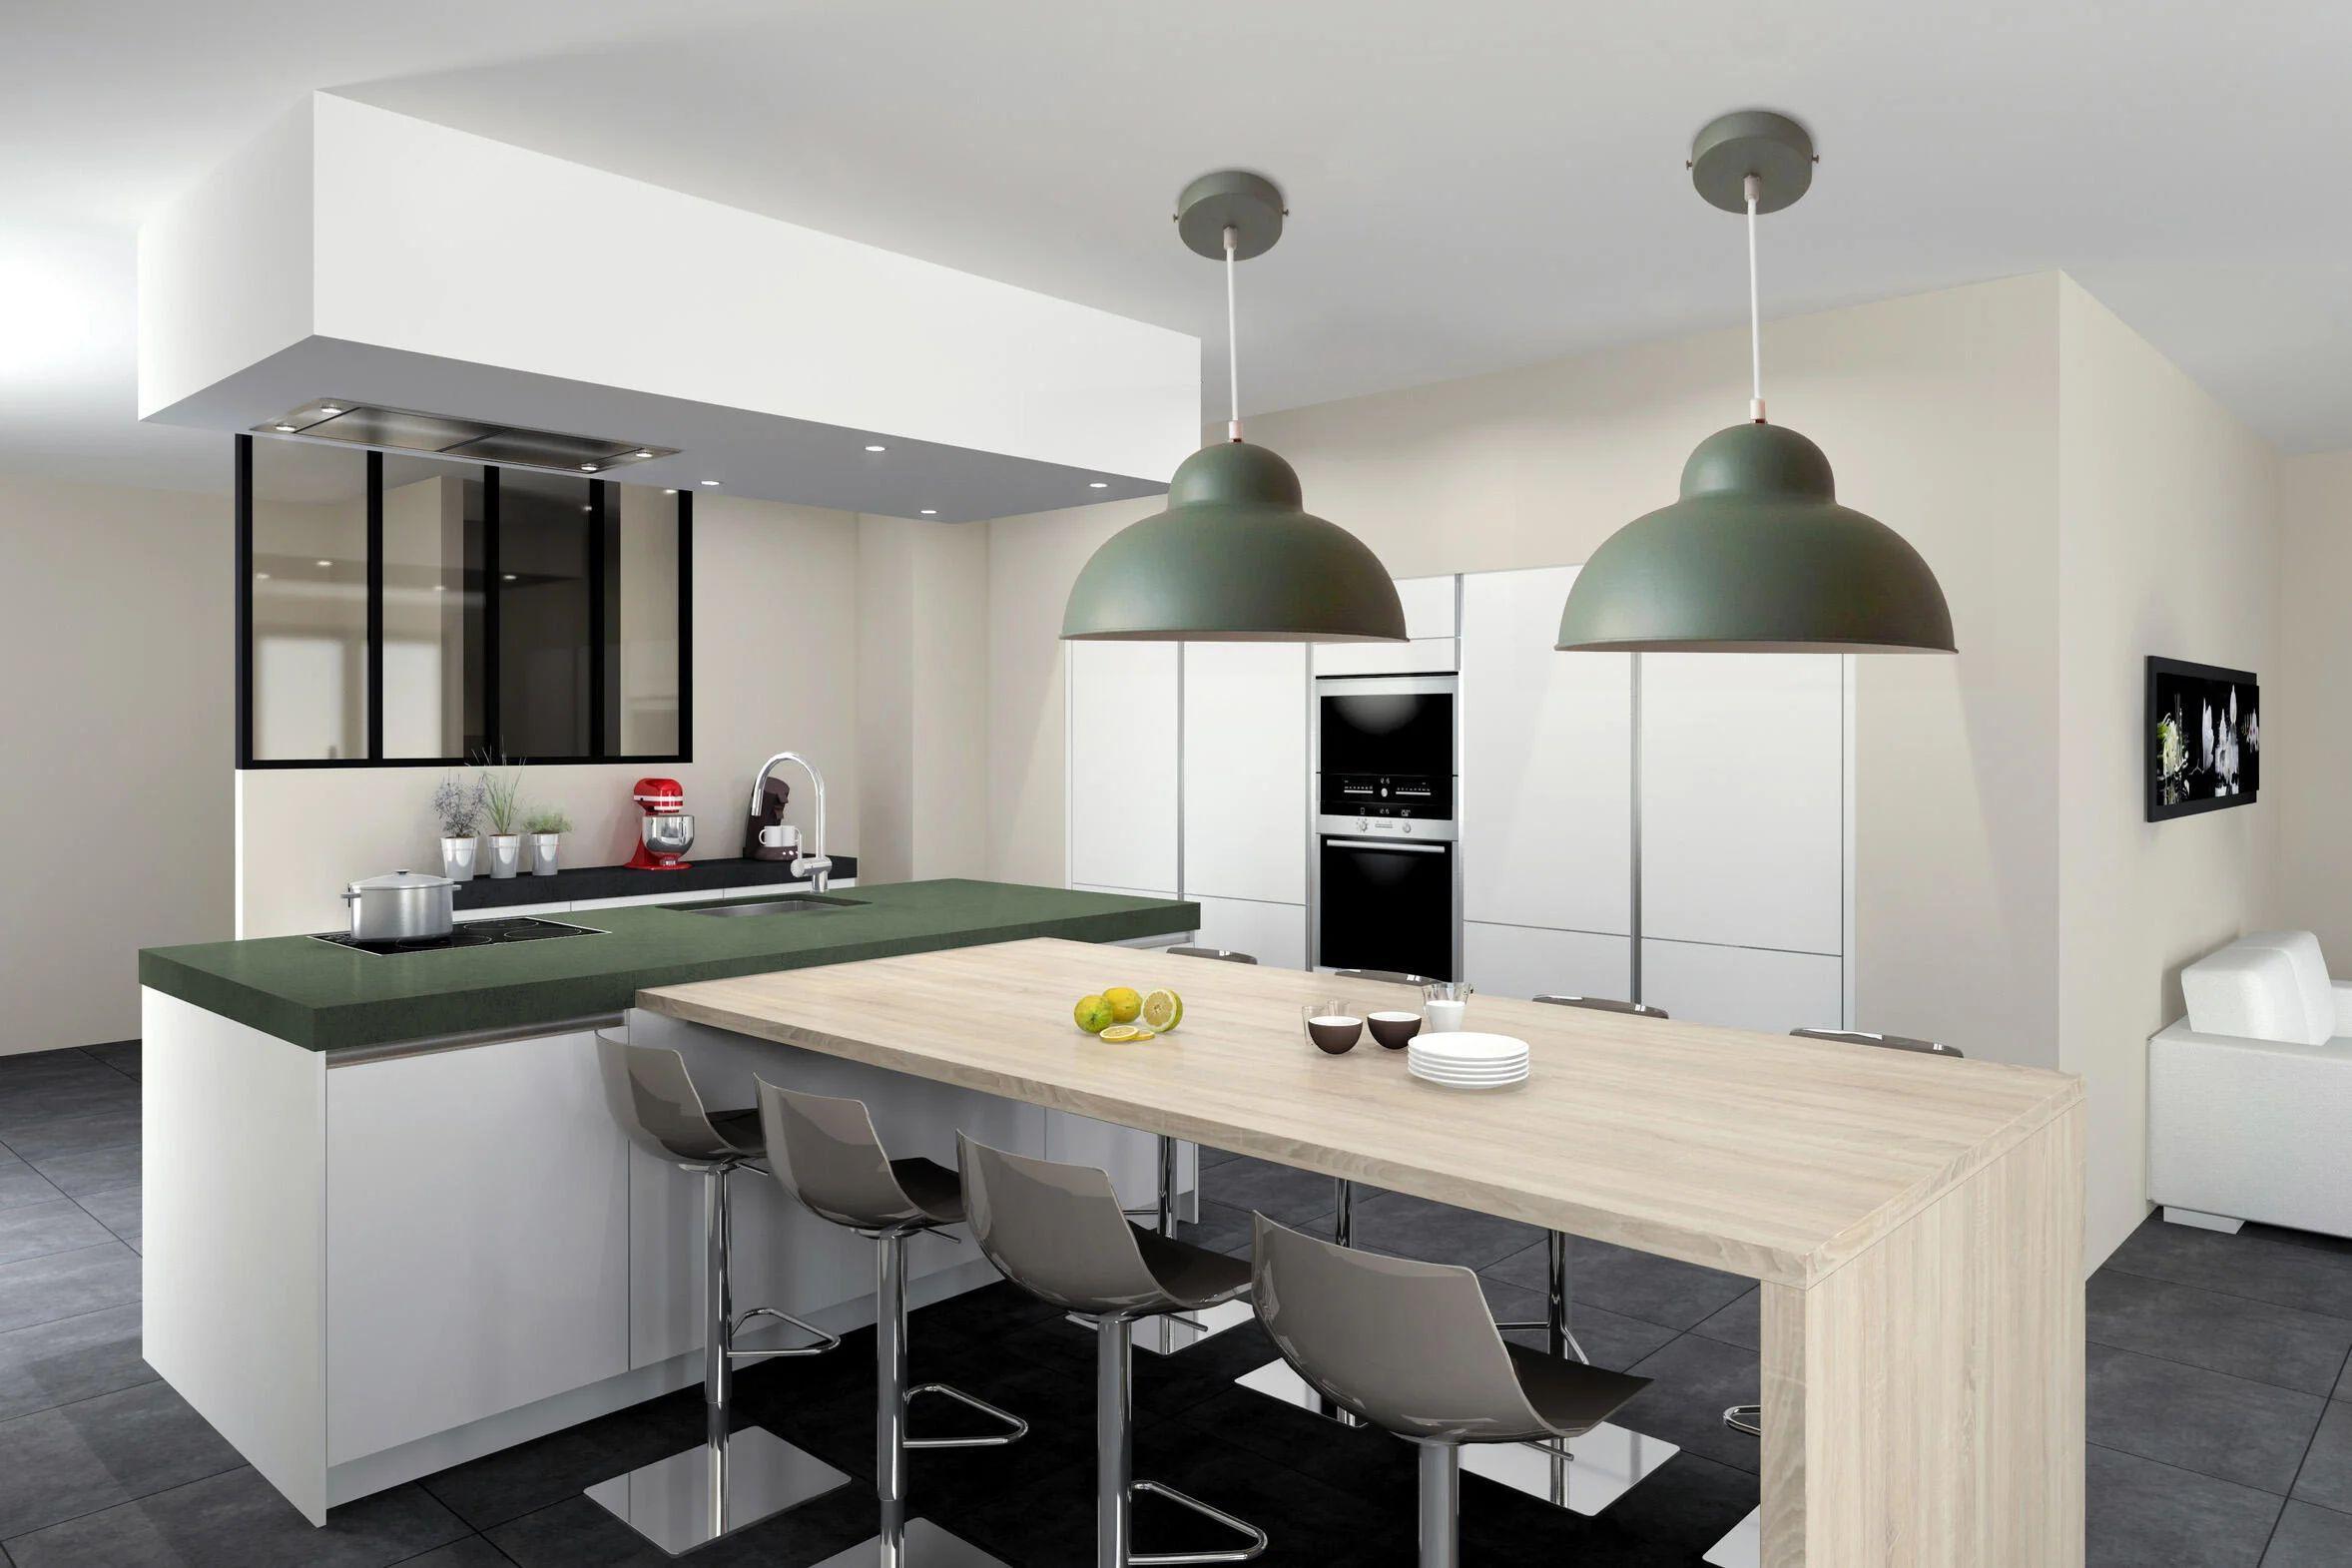 Il punto critico comune è il montaggio dei mobili, legato principalmente a due aspetti: Lampadario Scandinavo Kolibri Verde In Metallo D 31 Cm On Leroy Merlin